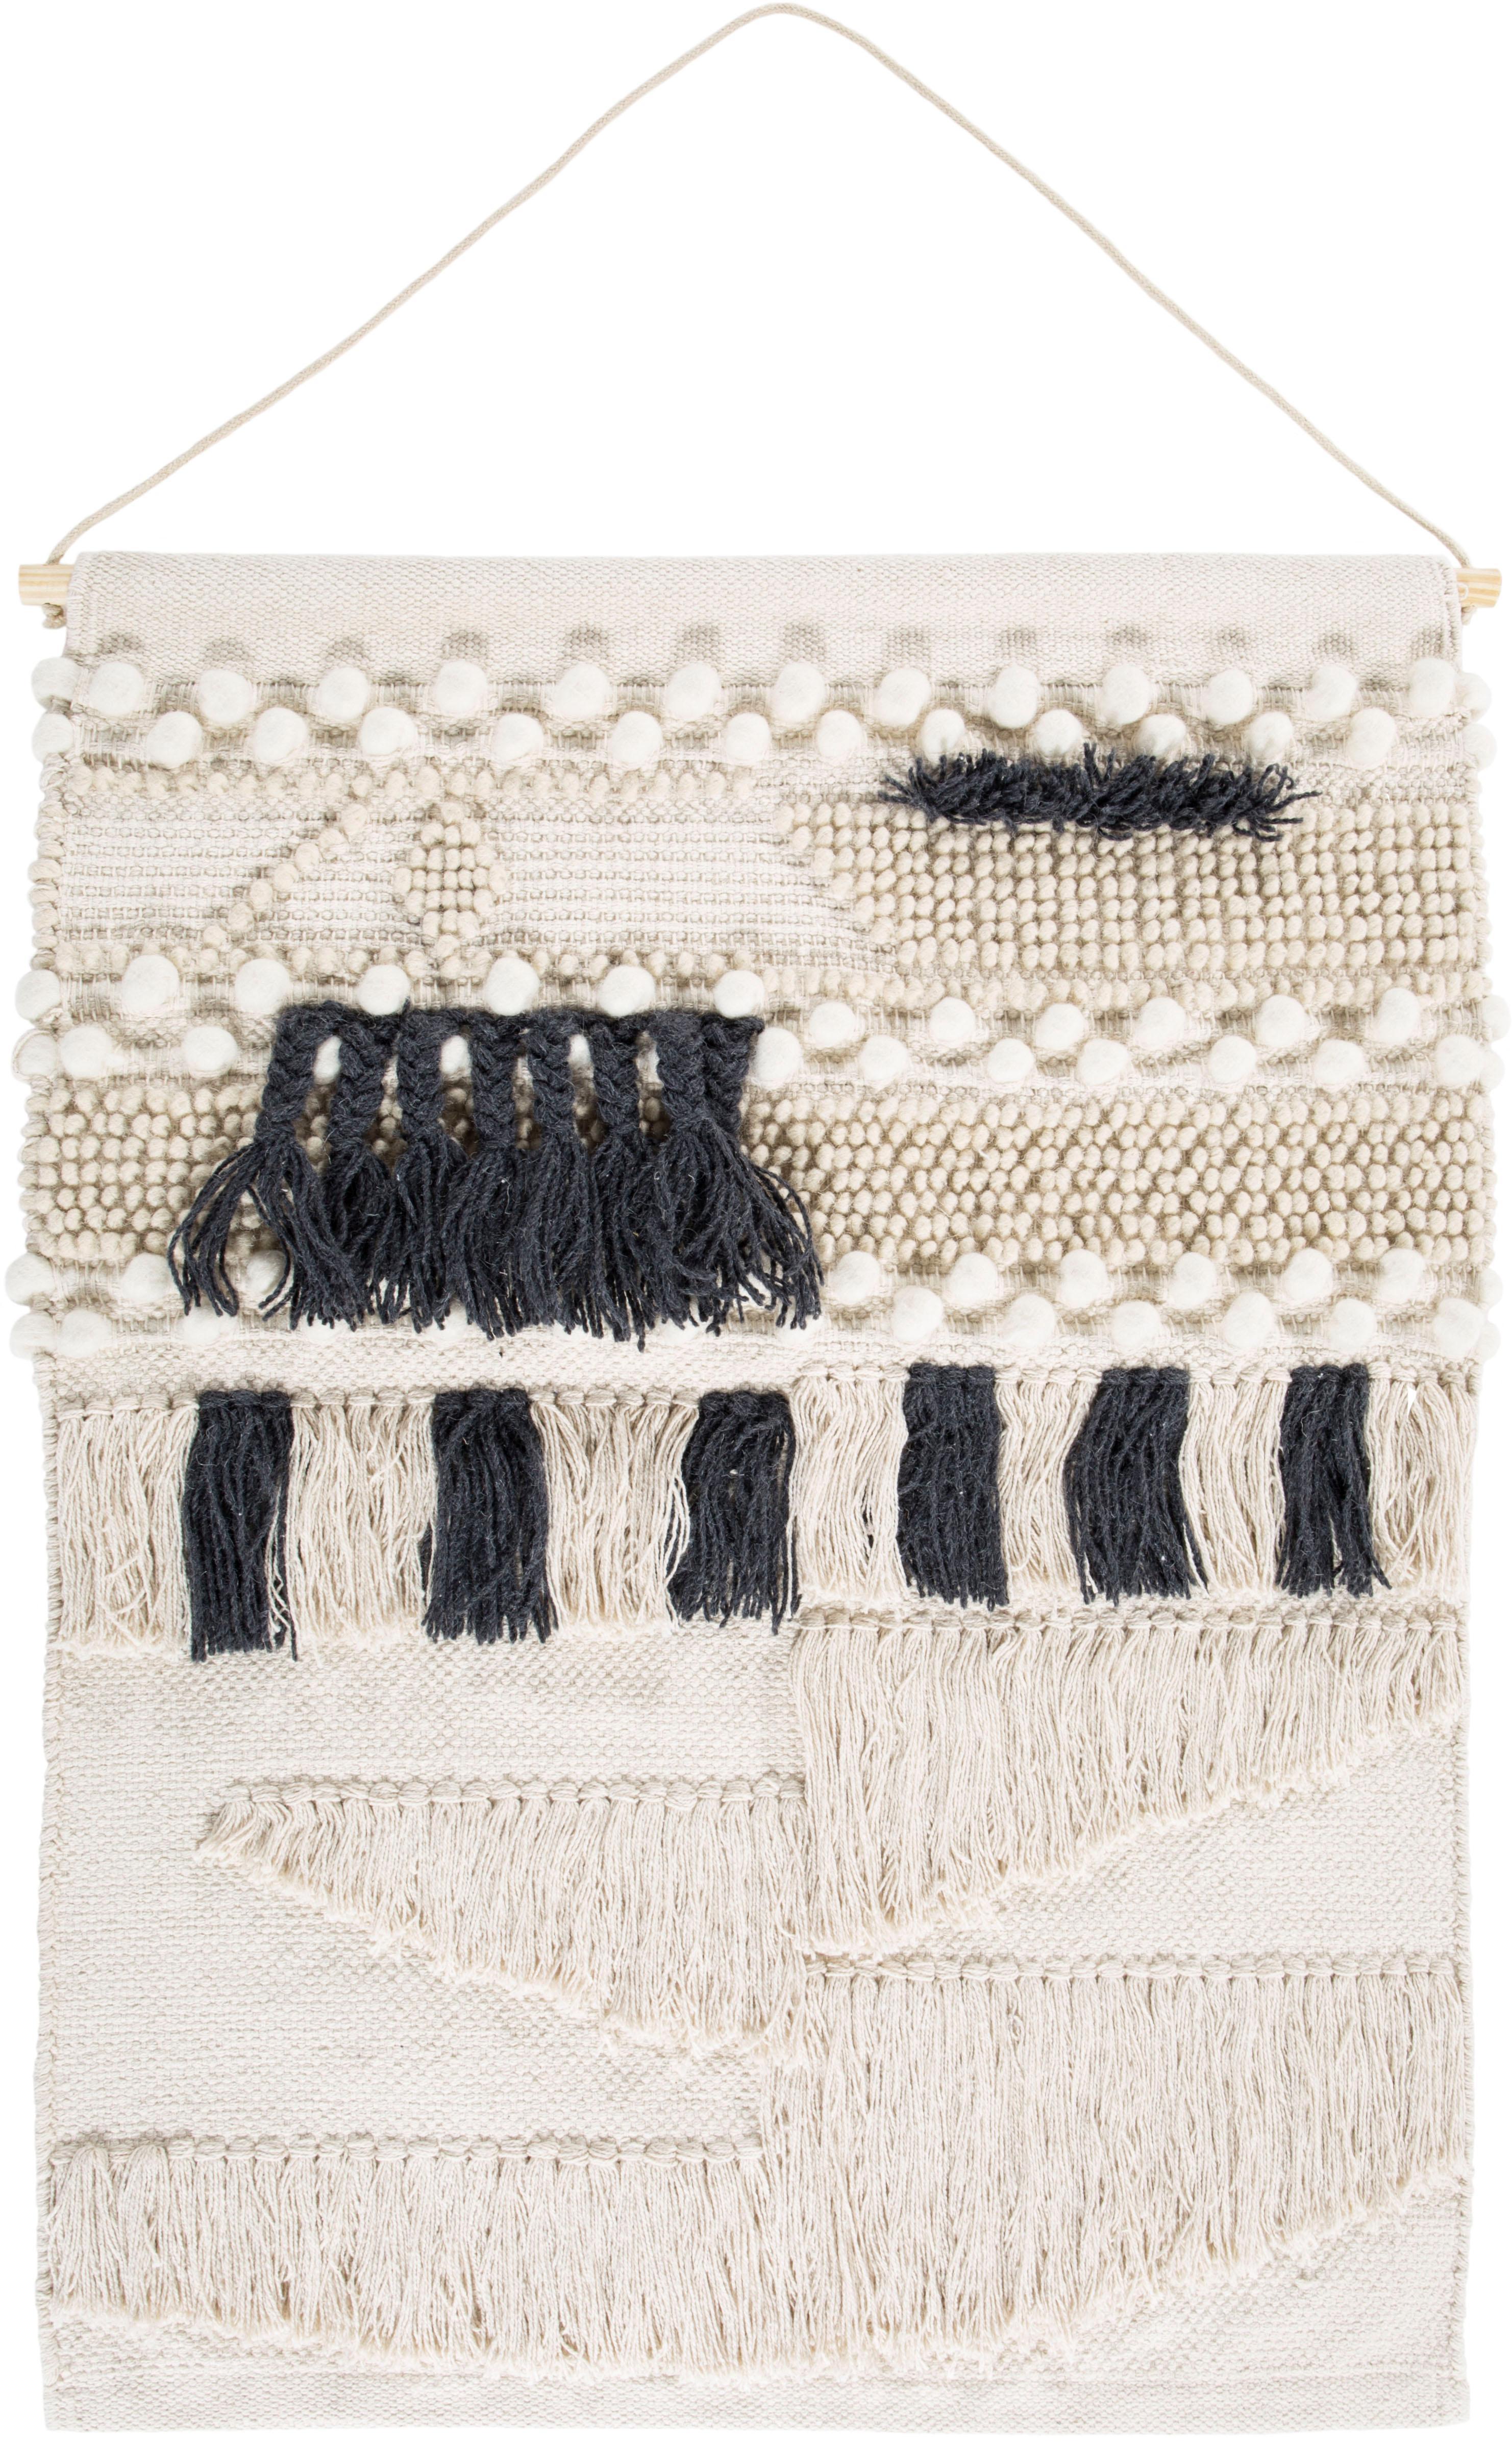 Wandteppich Skagen 3 LUXOR living rechteckig Höhe 10 mm handgewebt   Heimtextilien > Teppiche > Wandteppich   Wolle   Luxor Living